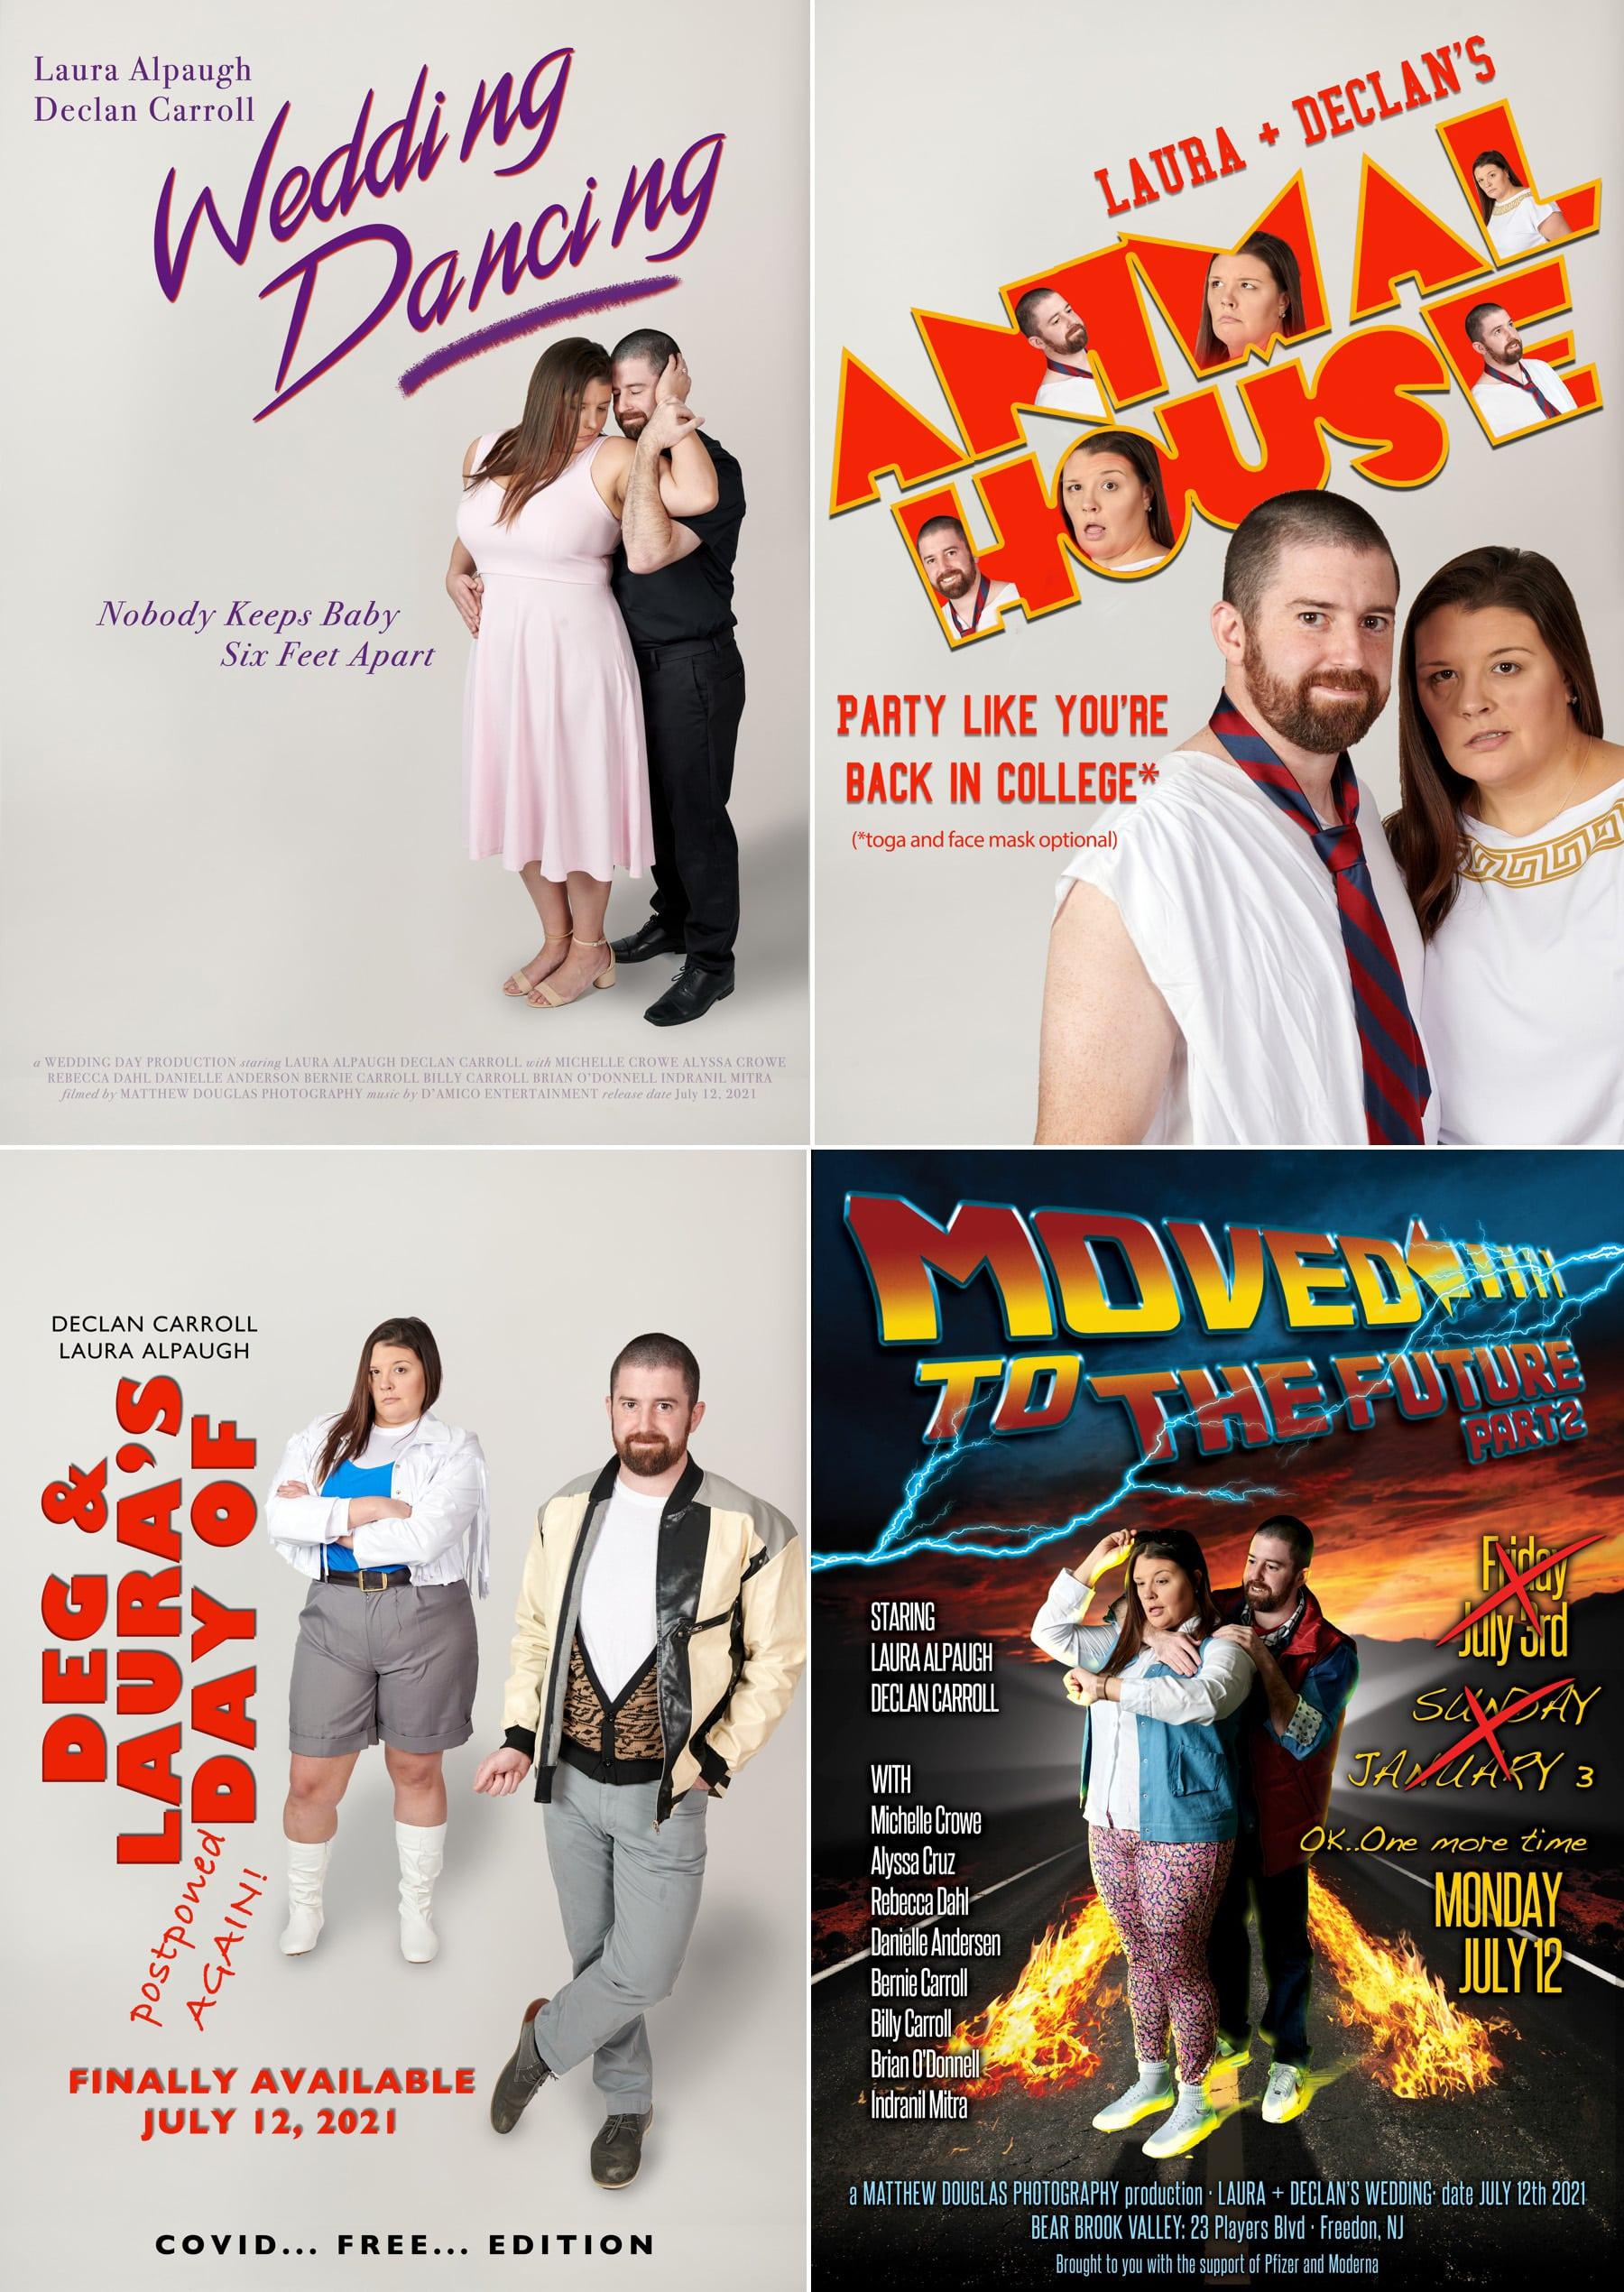 vintage movie wedding posters at bear brook valley